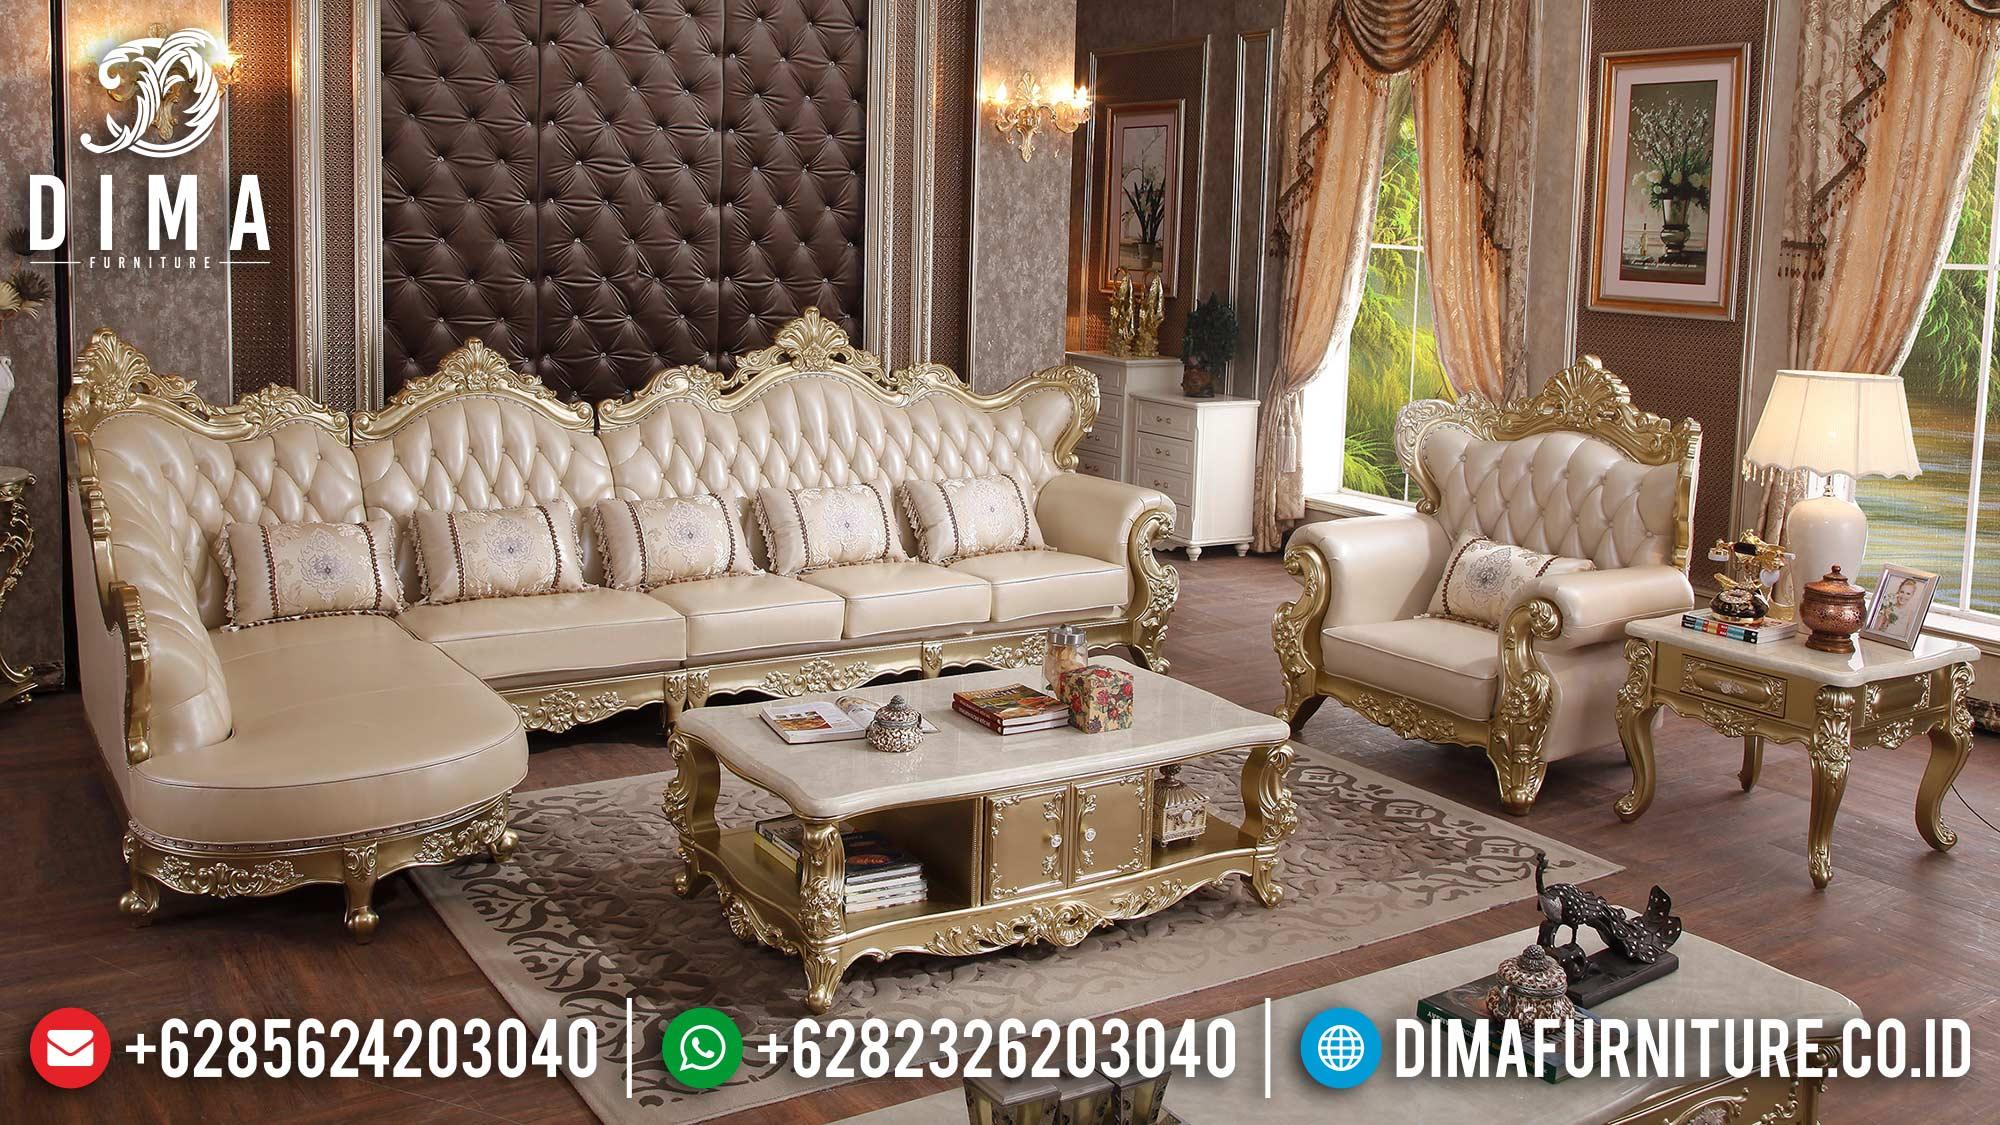 Elegant Set Sofa Tamu Mewah Luxury Italian Carving Furniture Jepara Terbaru ST-1364